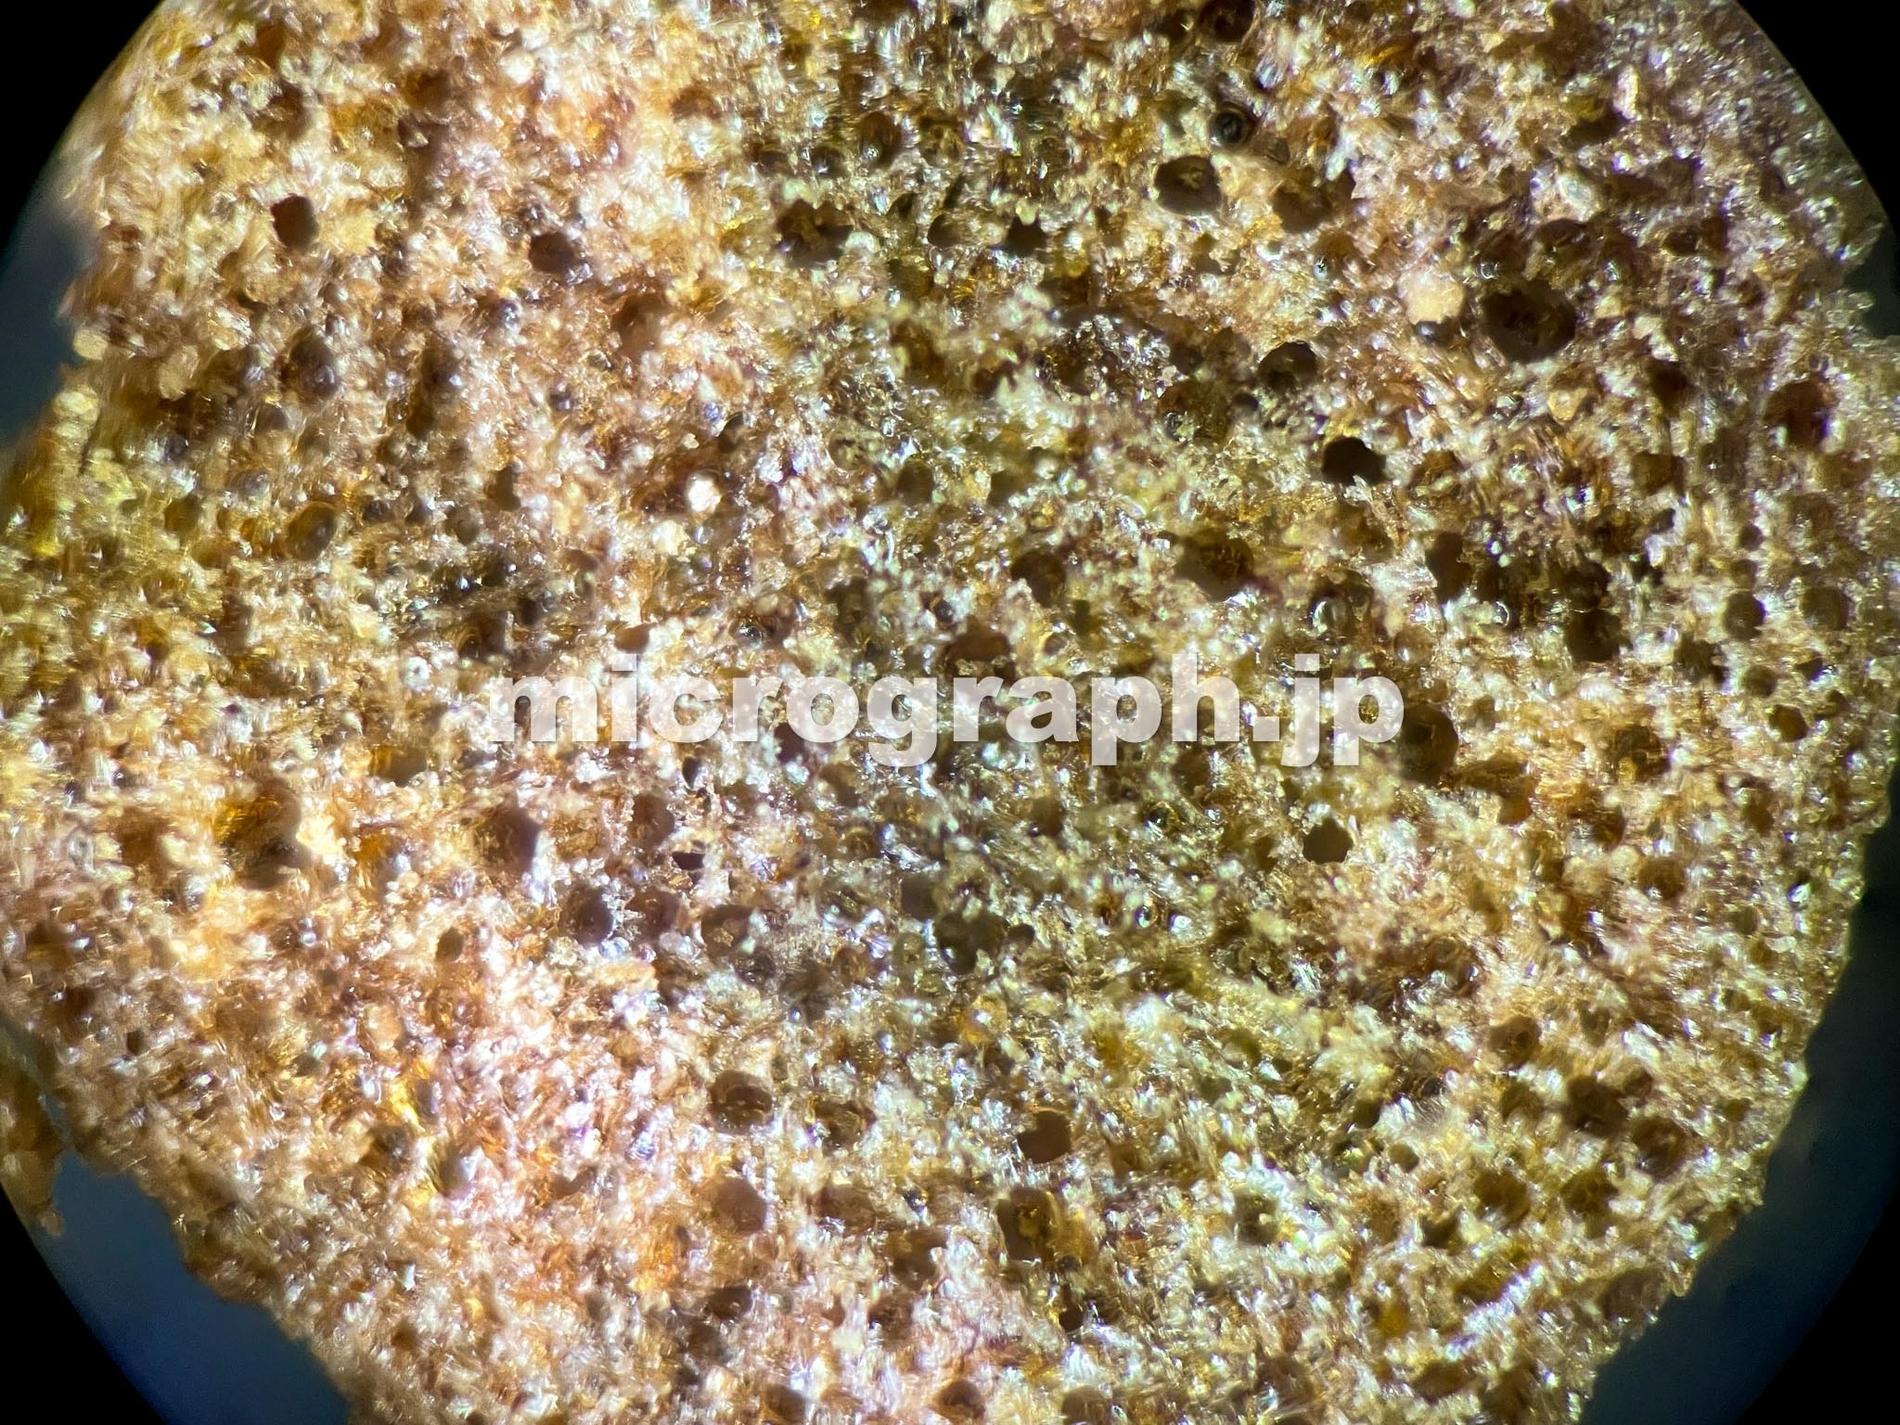 インスタントコーヒーの顕微鏡写真(対物10倍)